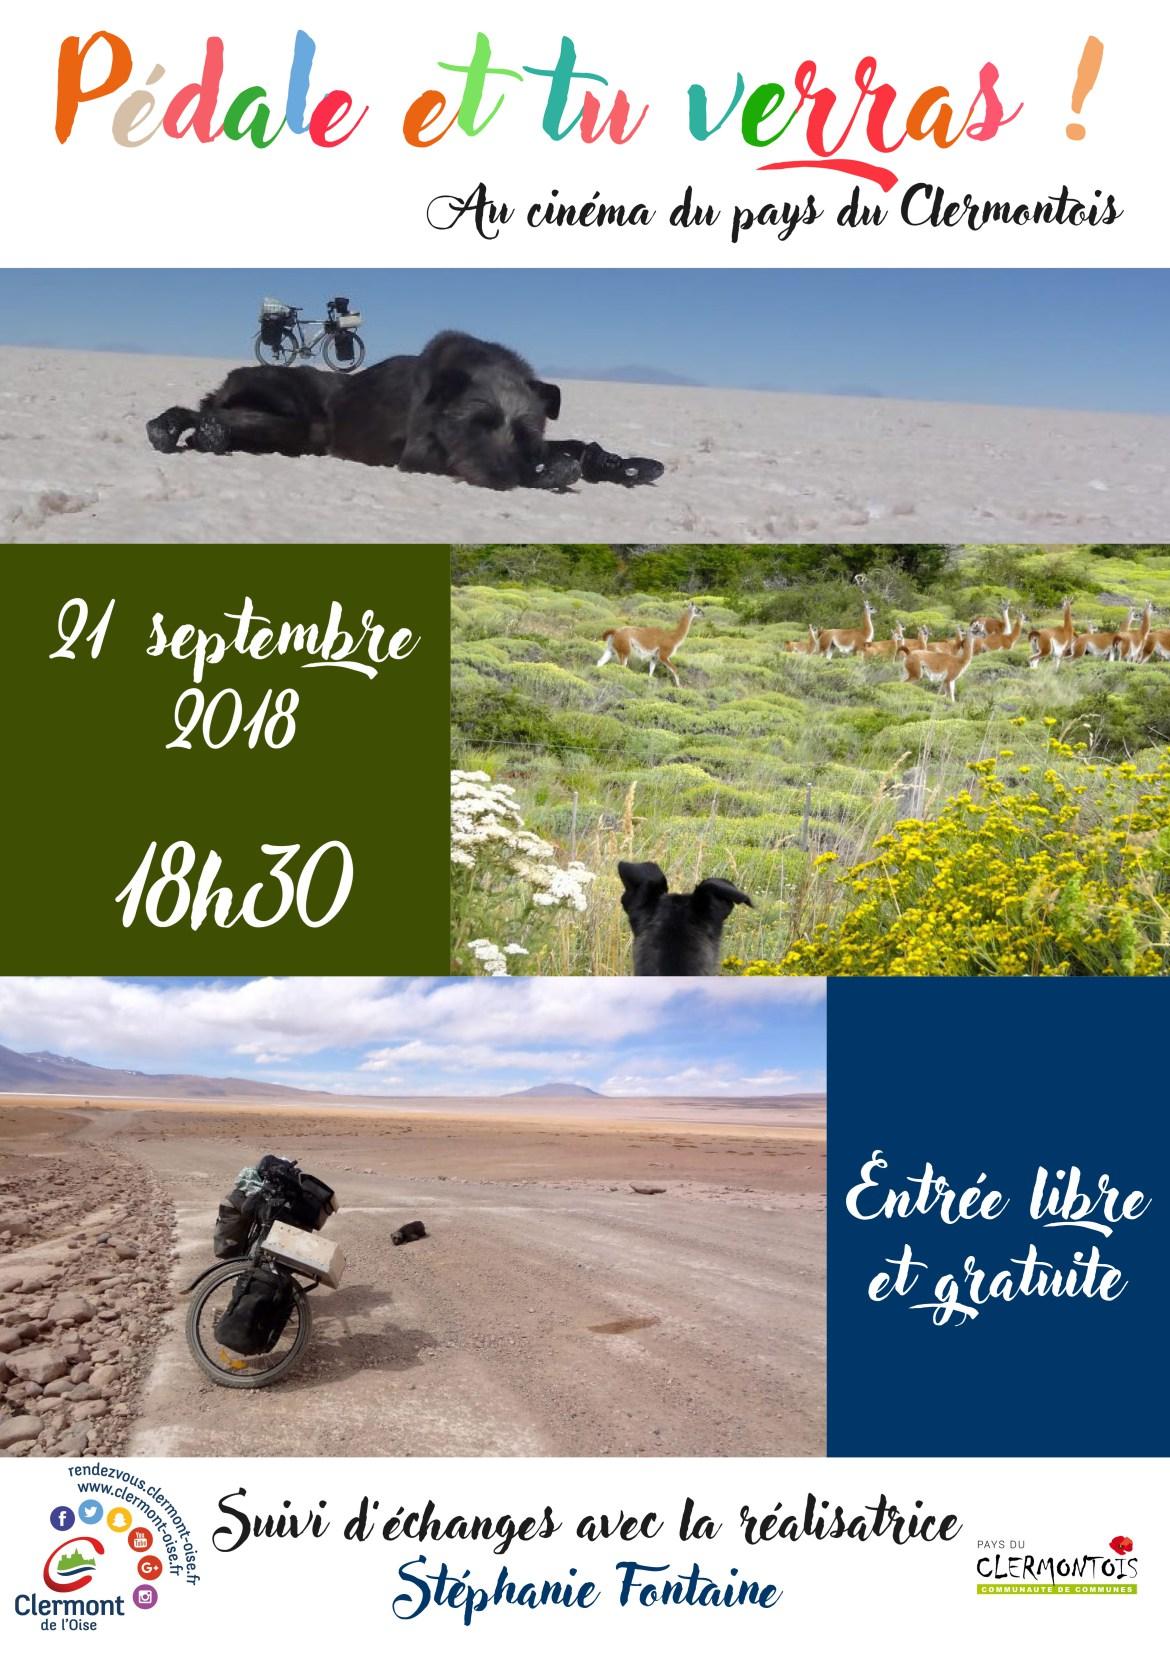 Projection au cinéma de Clermont de l'Oise (60) le 21 septembre 2018 à 18h30